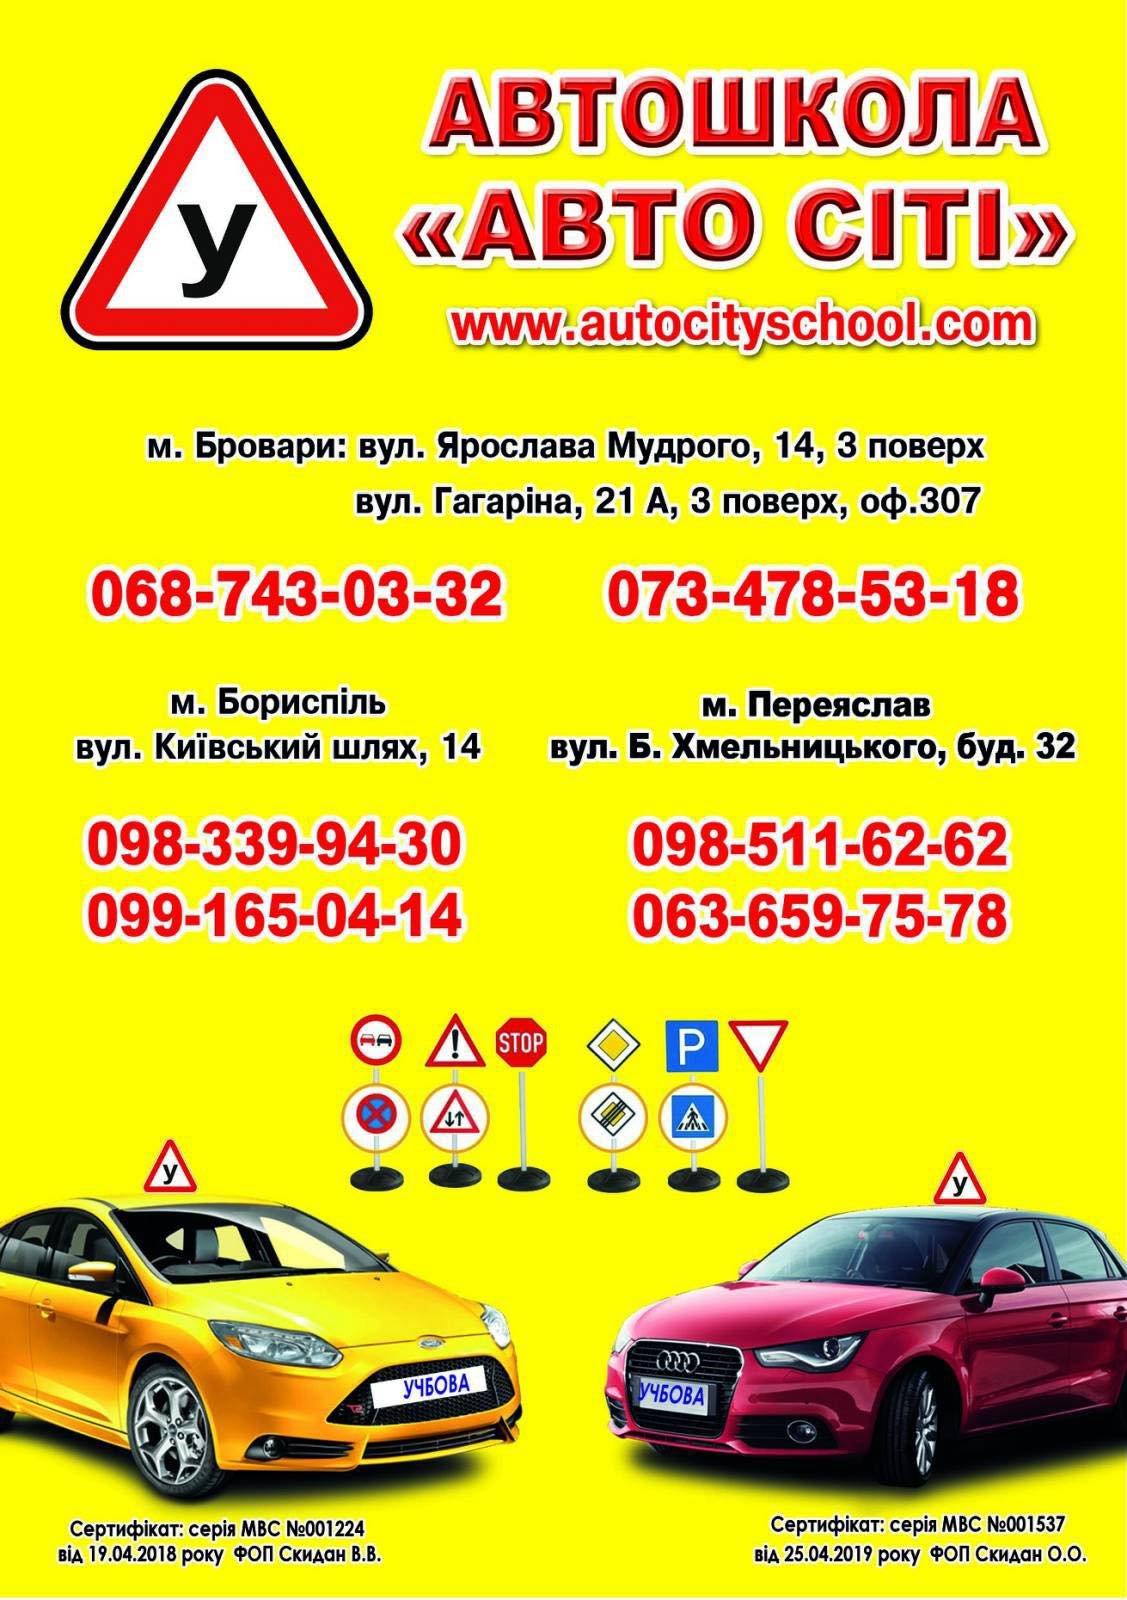 Автомобільна школа «АВТО СІТІ» запрошує на навчання, фото-10